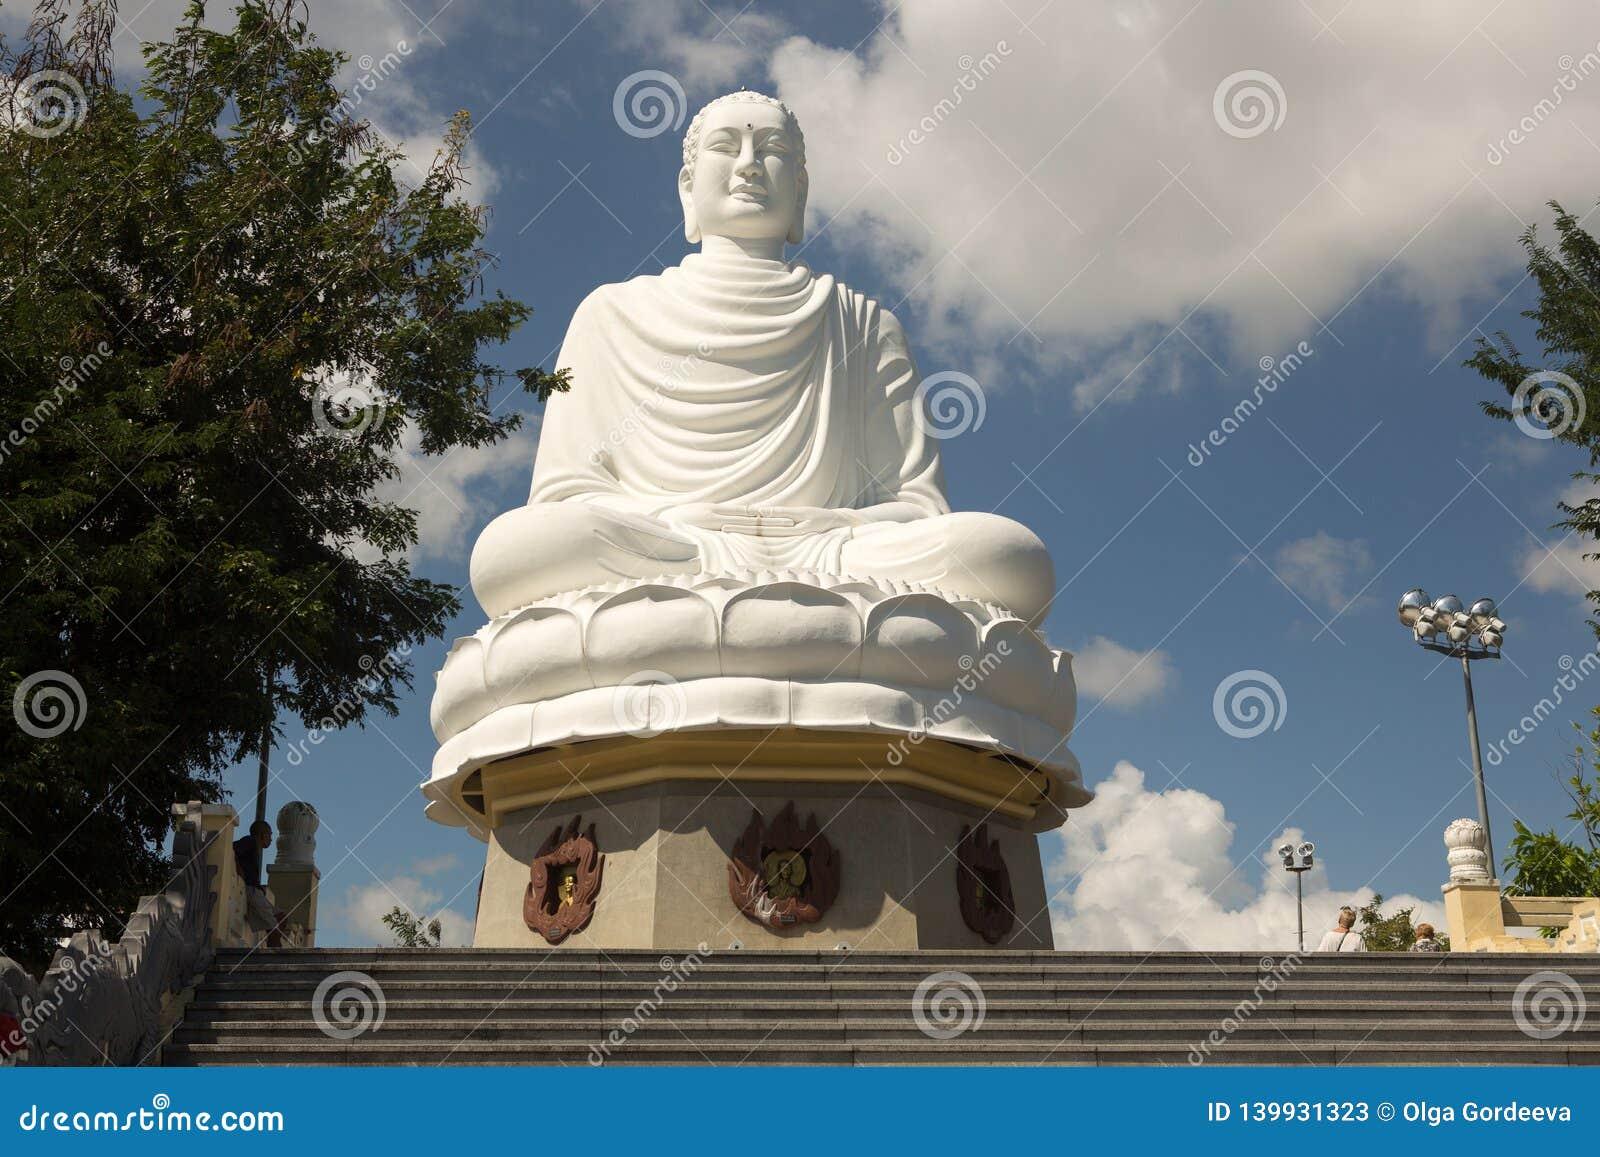 White Buddha Statue at Long Son Pagoda in Nha Trang